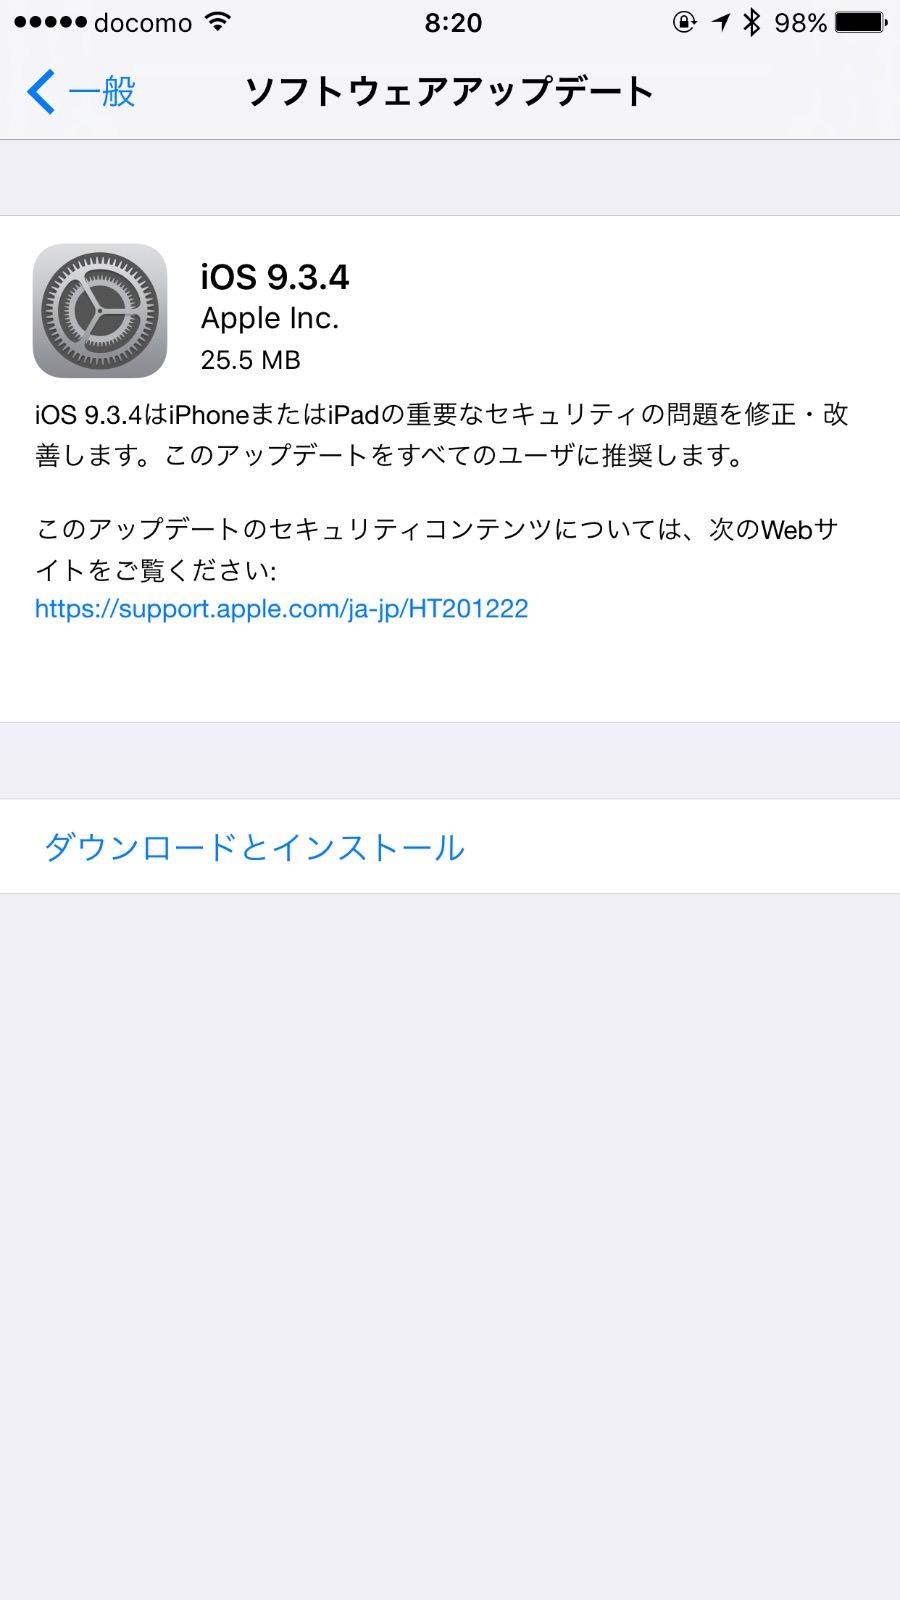 【iOS】「iOS 9.3.4」リリース 〜ファイルサイズは25.5MB